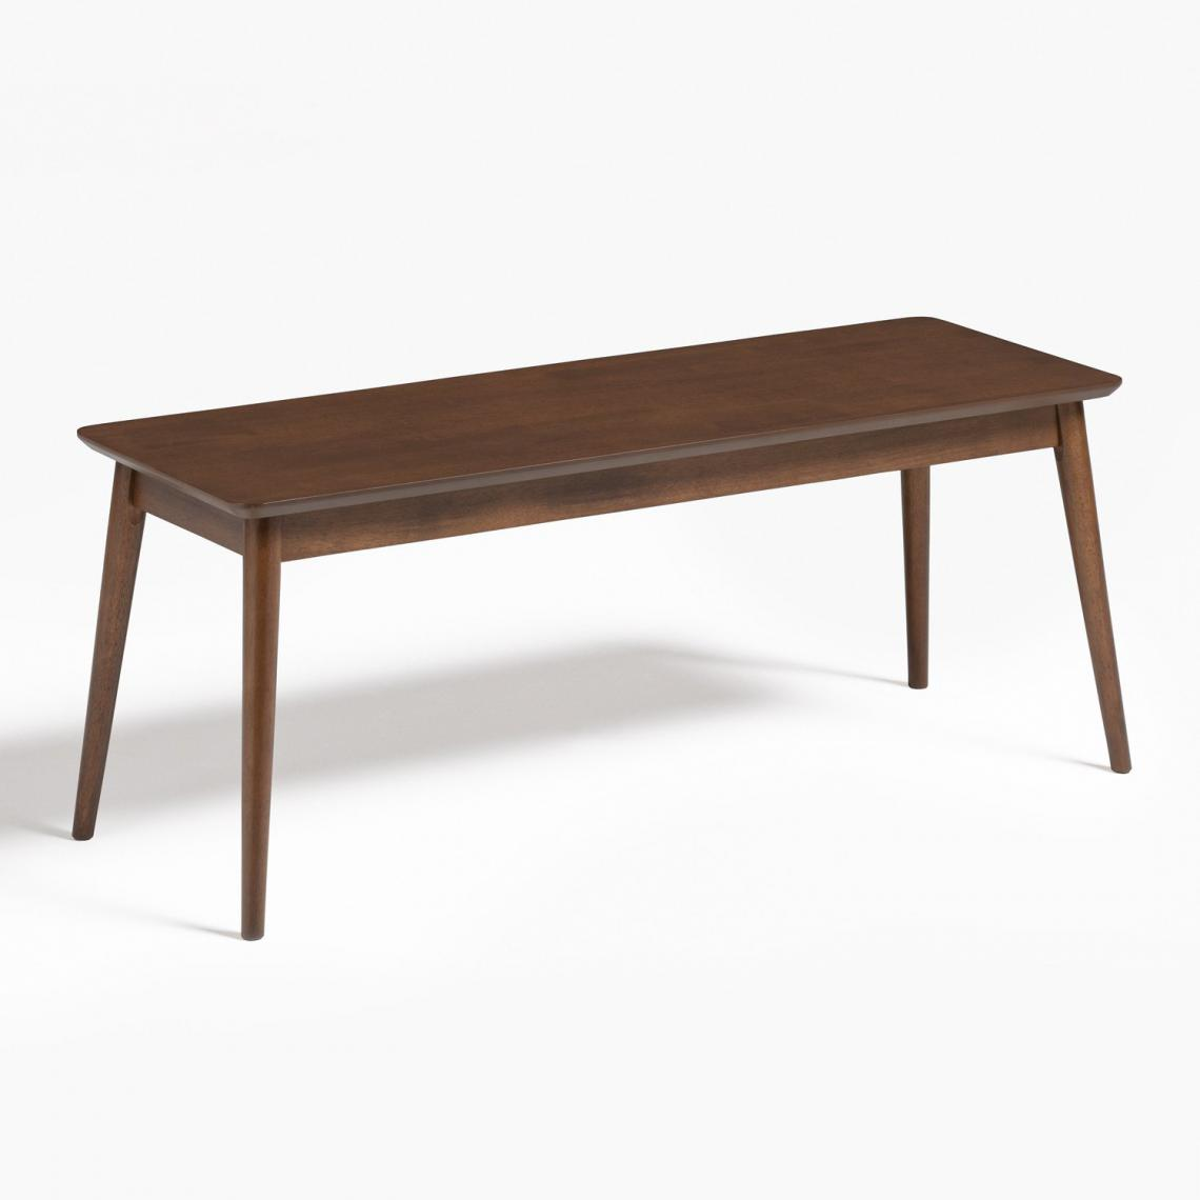 Stylez Banc en bois d'hévéa 110cm foncé